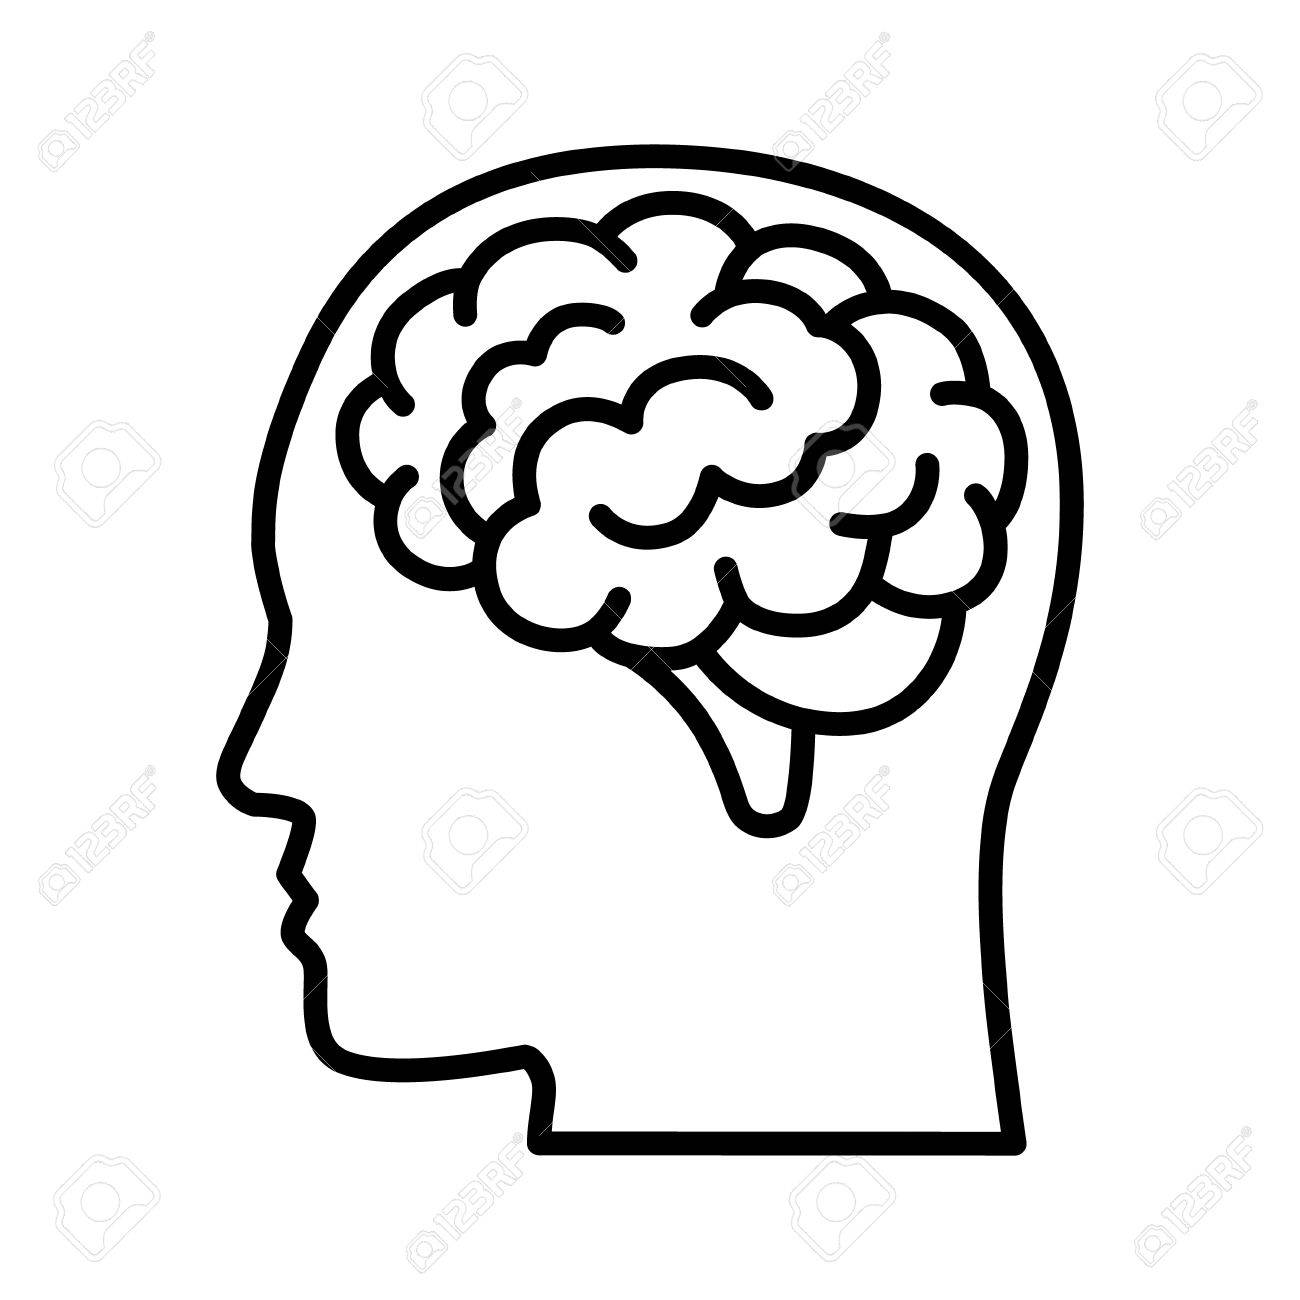 Vista Lateral Del Cerebro O La Mente Dentro Del Icono De Vector De ...